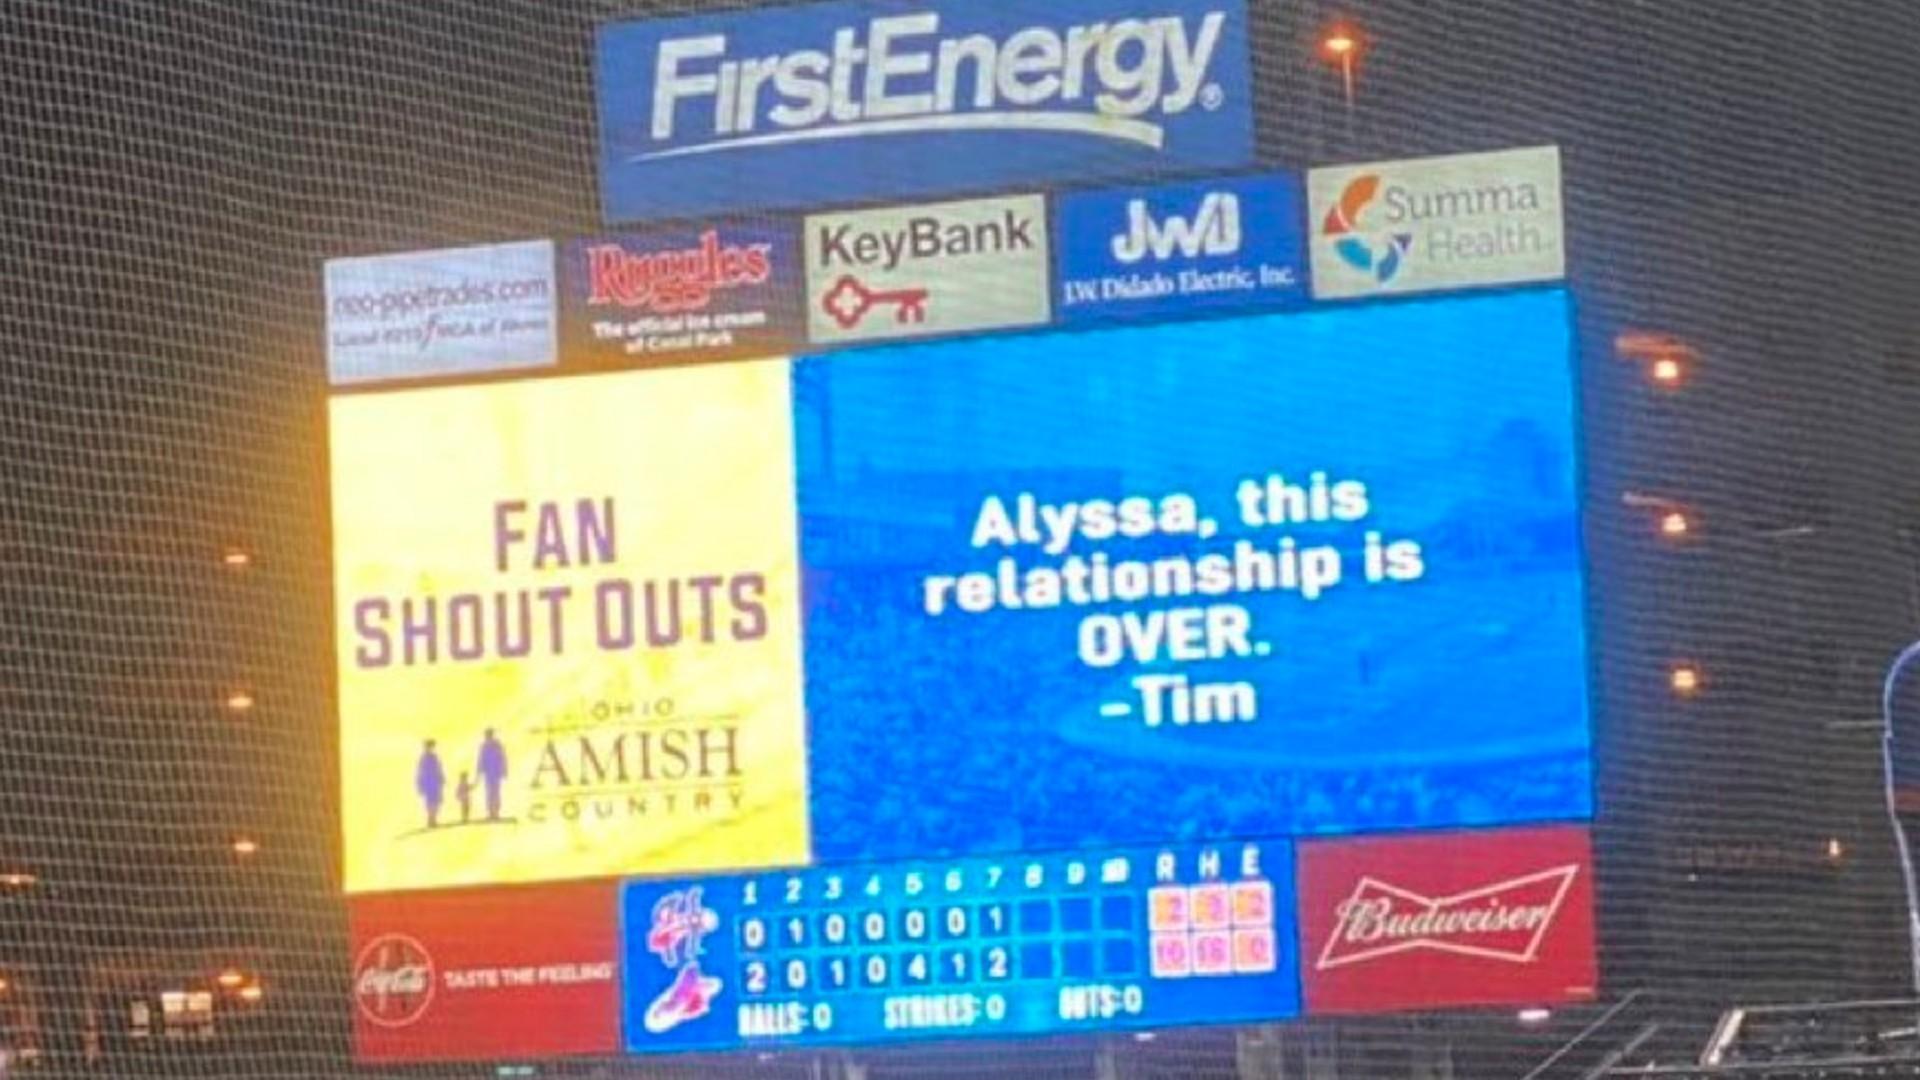 Man breaks up with girlfriend via Jumbotron: 'Alyssa, this relationship is OVER'